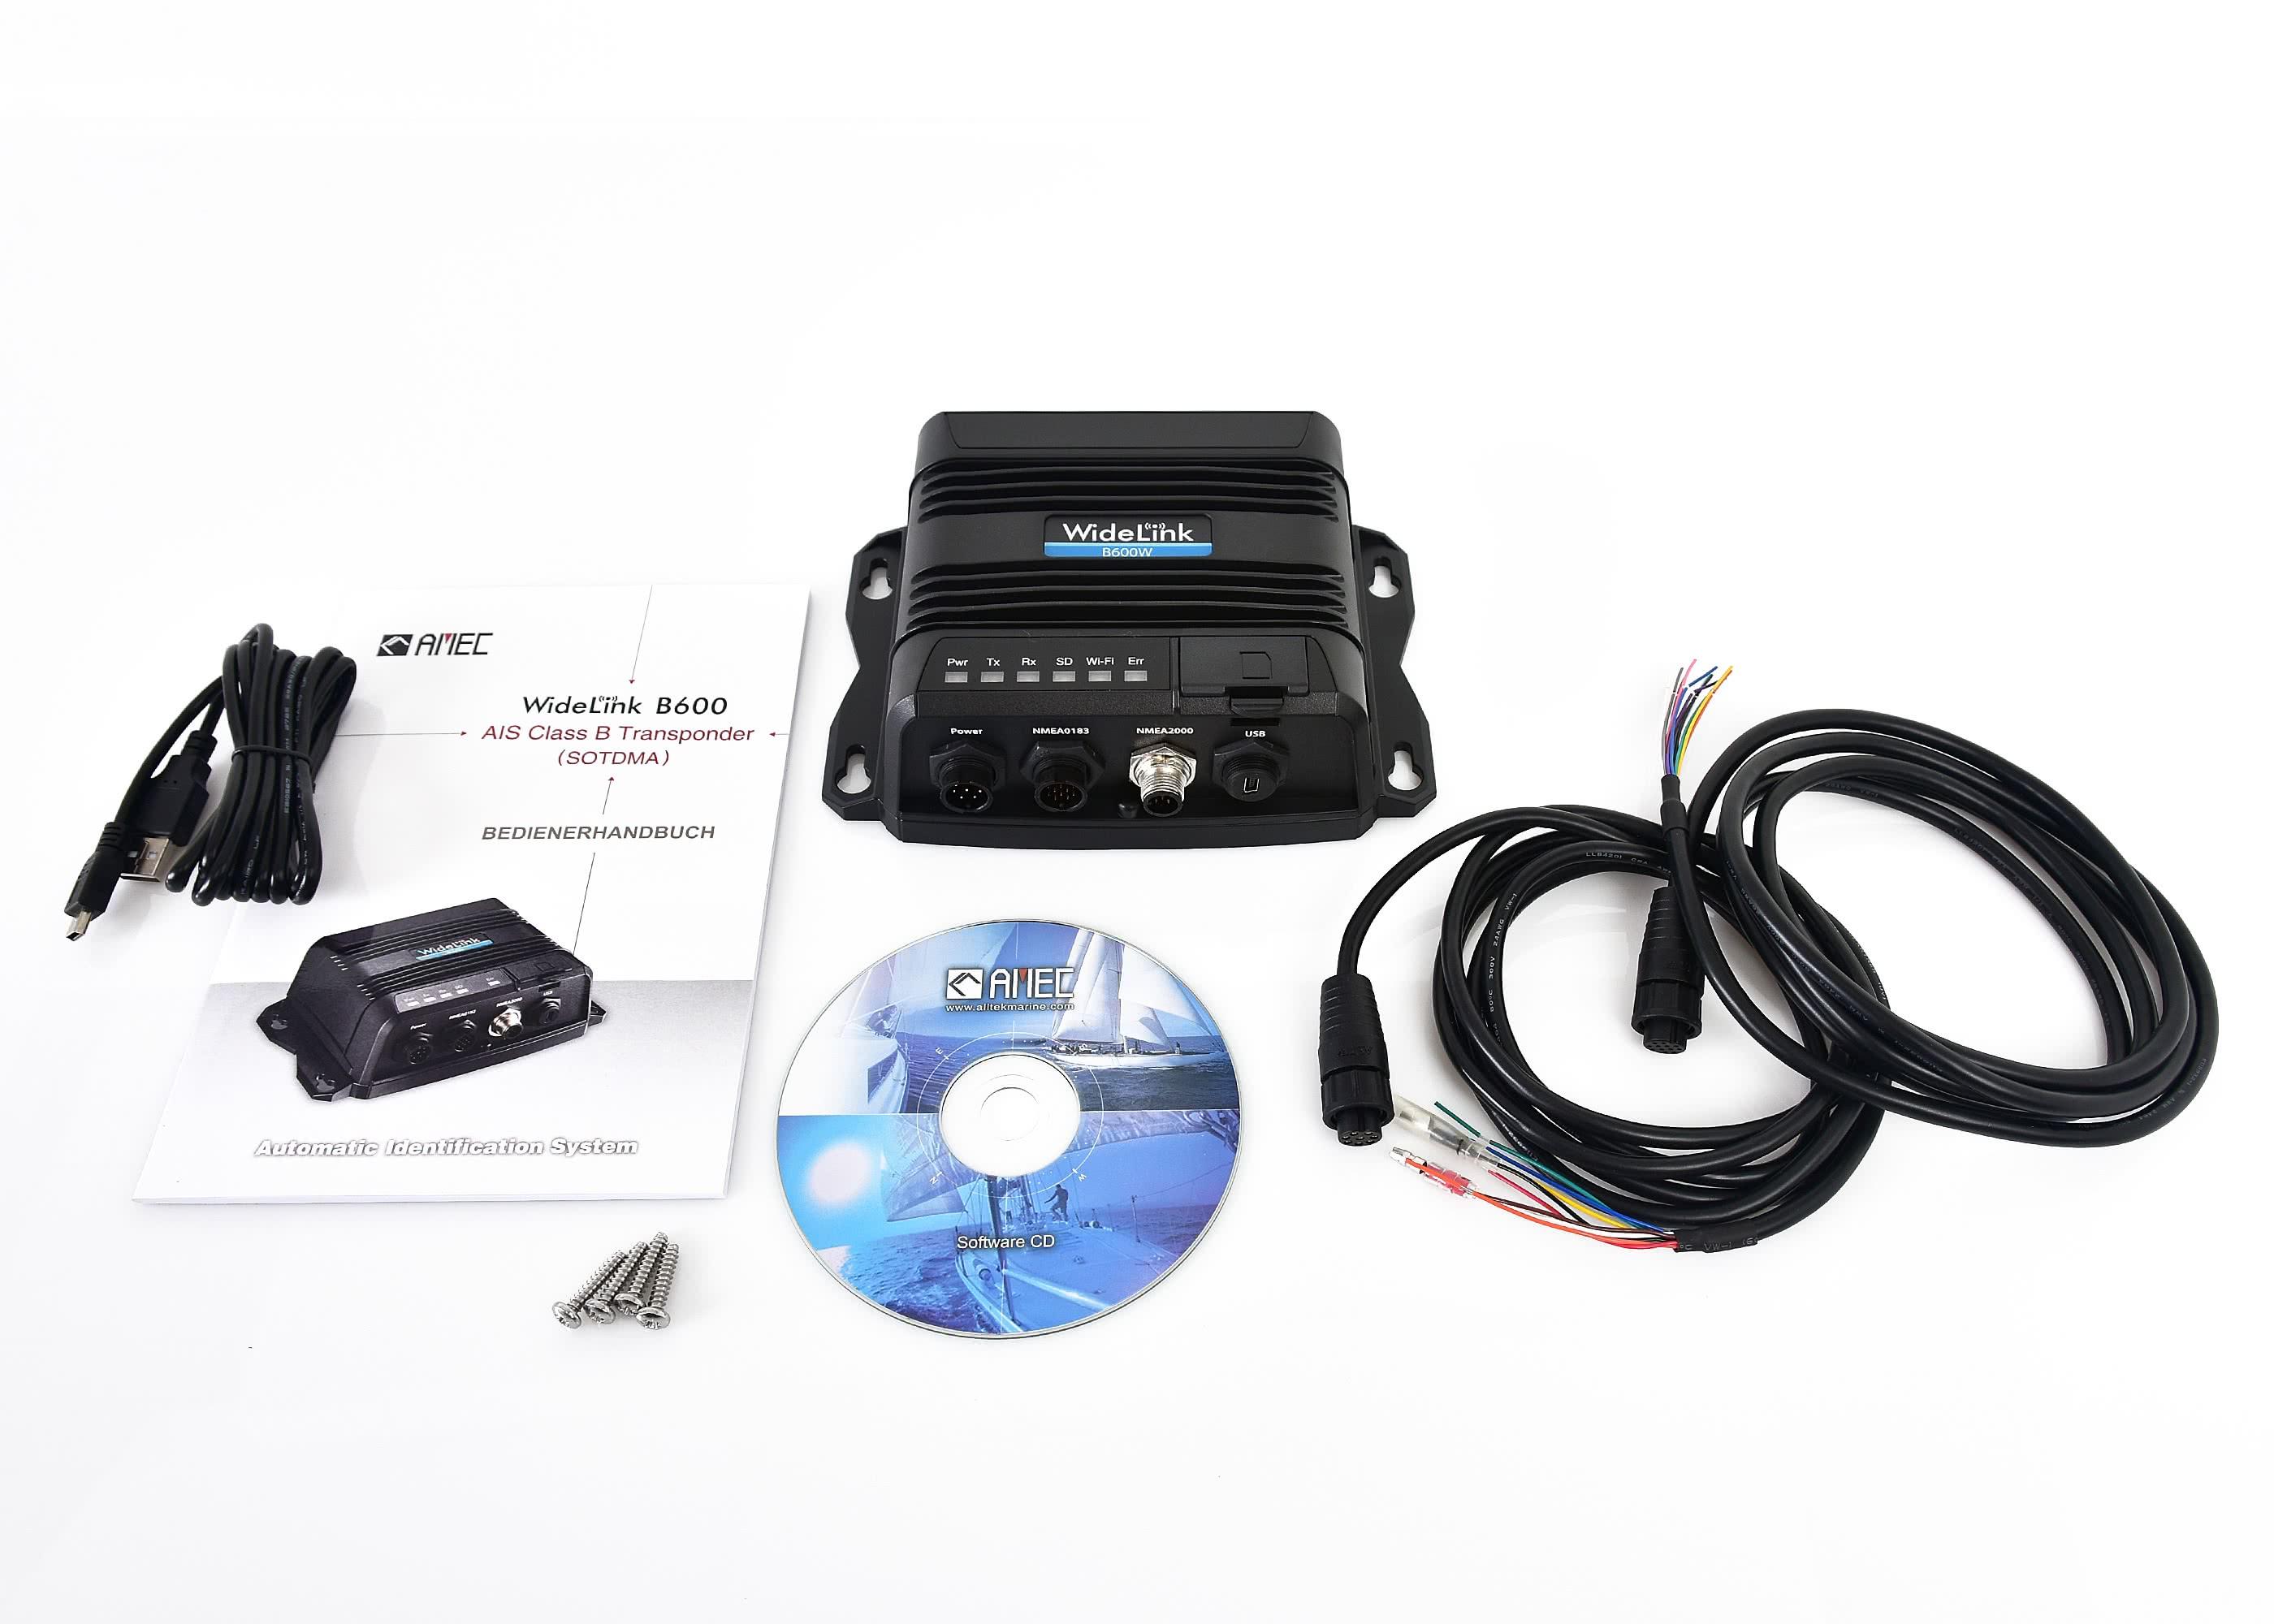 95566_AMEC---AIS-SOTDMA-Transponder-B600W_mit-WiFi_4.jpg